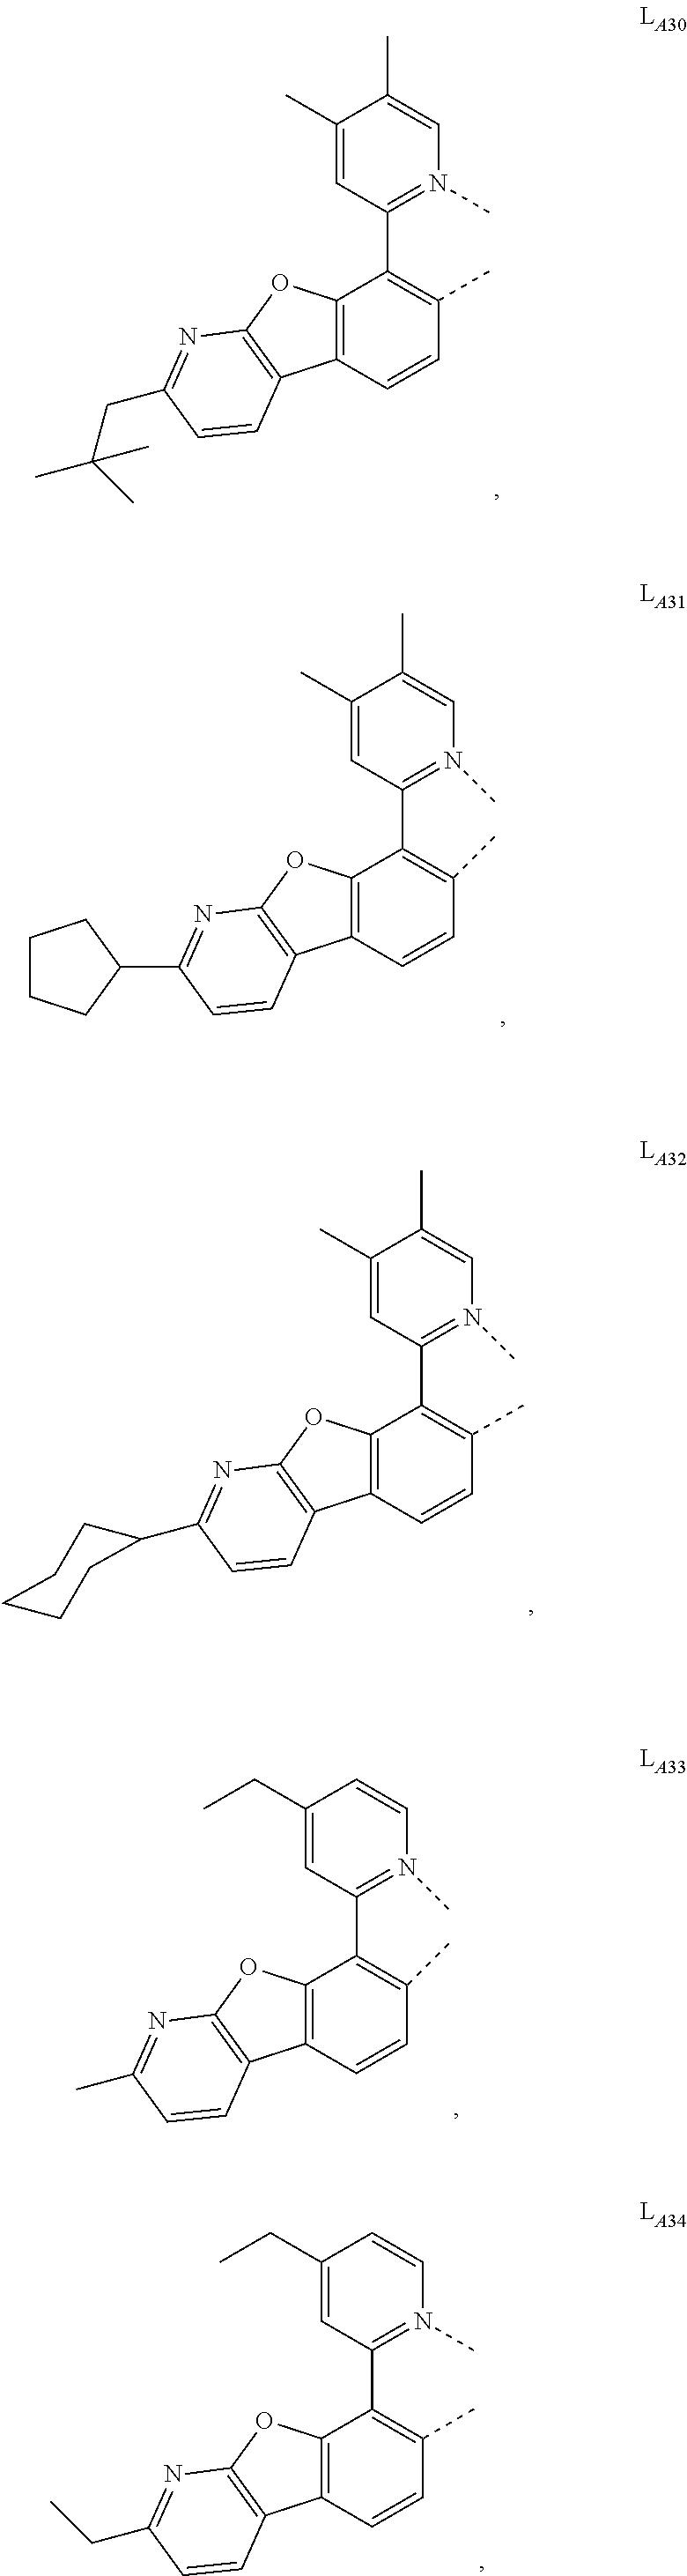 Figure US20160049599A1-20160218-C00015